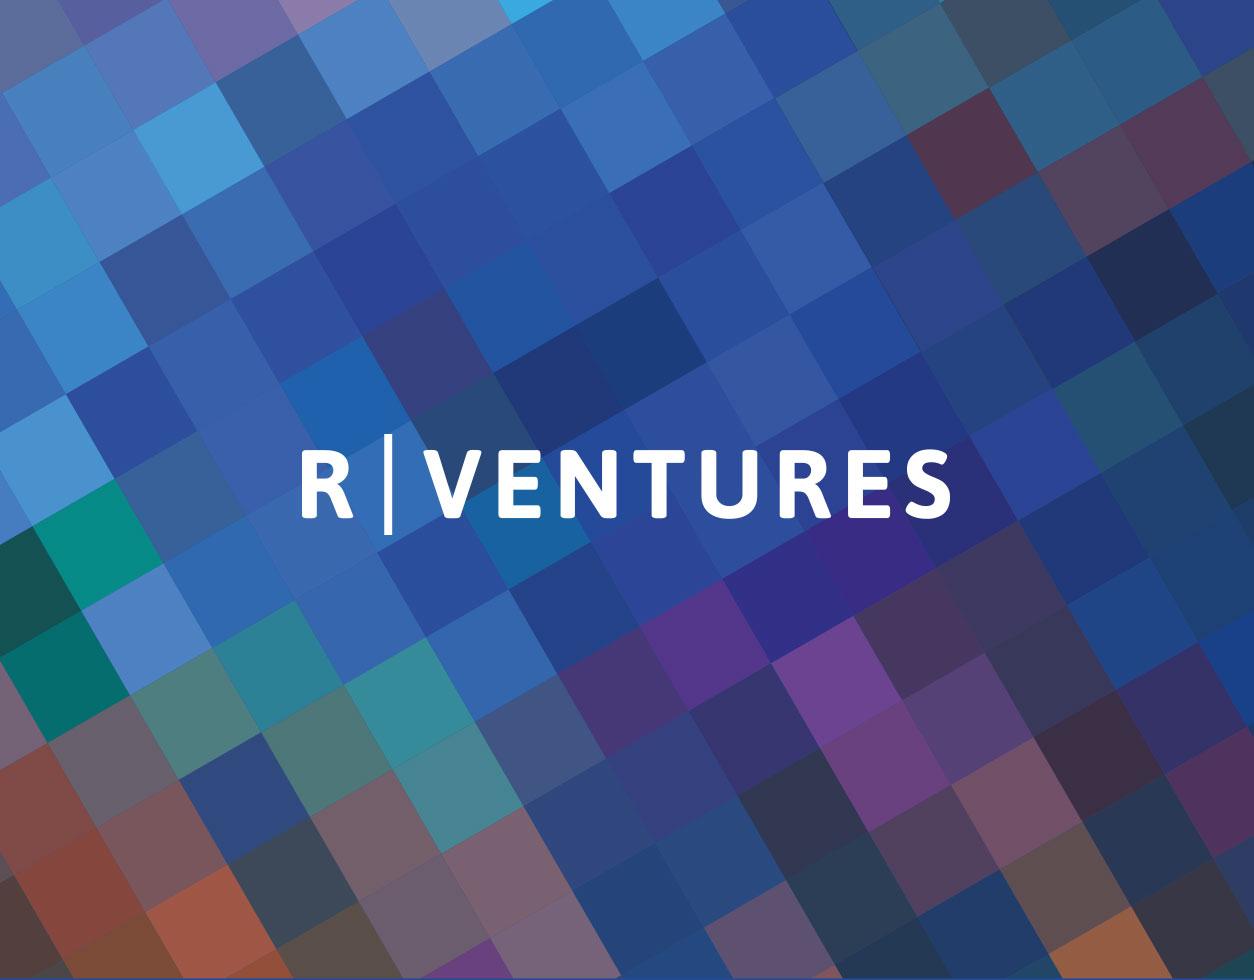 R Ventures branding